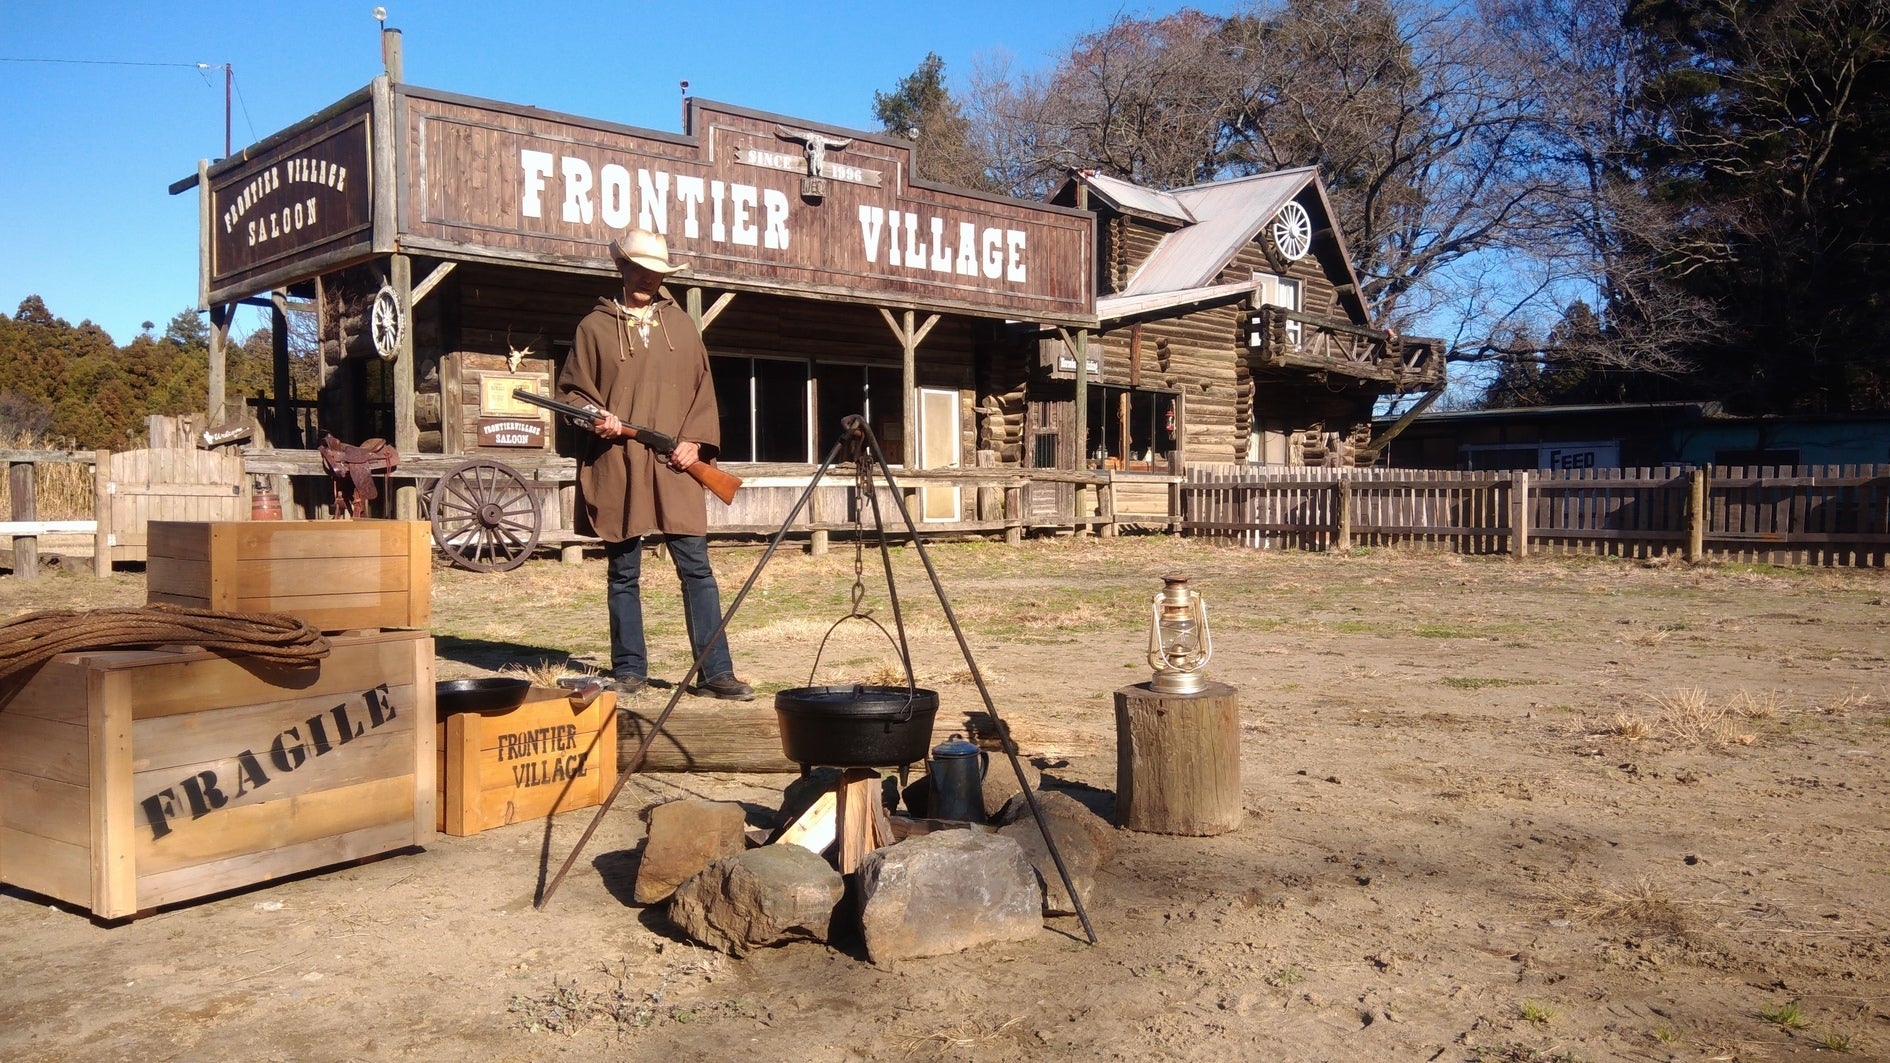 ウエスタンスタイルの牧場をまるまる貸しきってドローンの撮影など ( 屋内 + 屋外 )(フロンティアビレッジ) の写真0